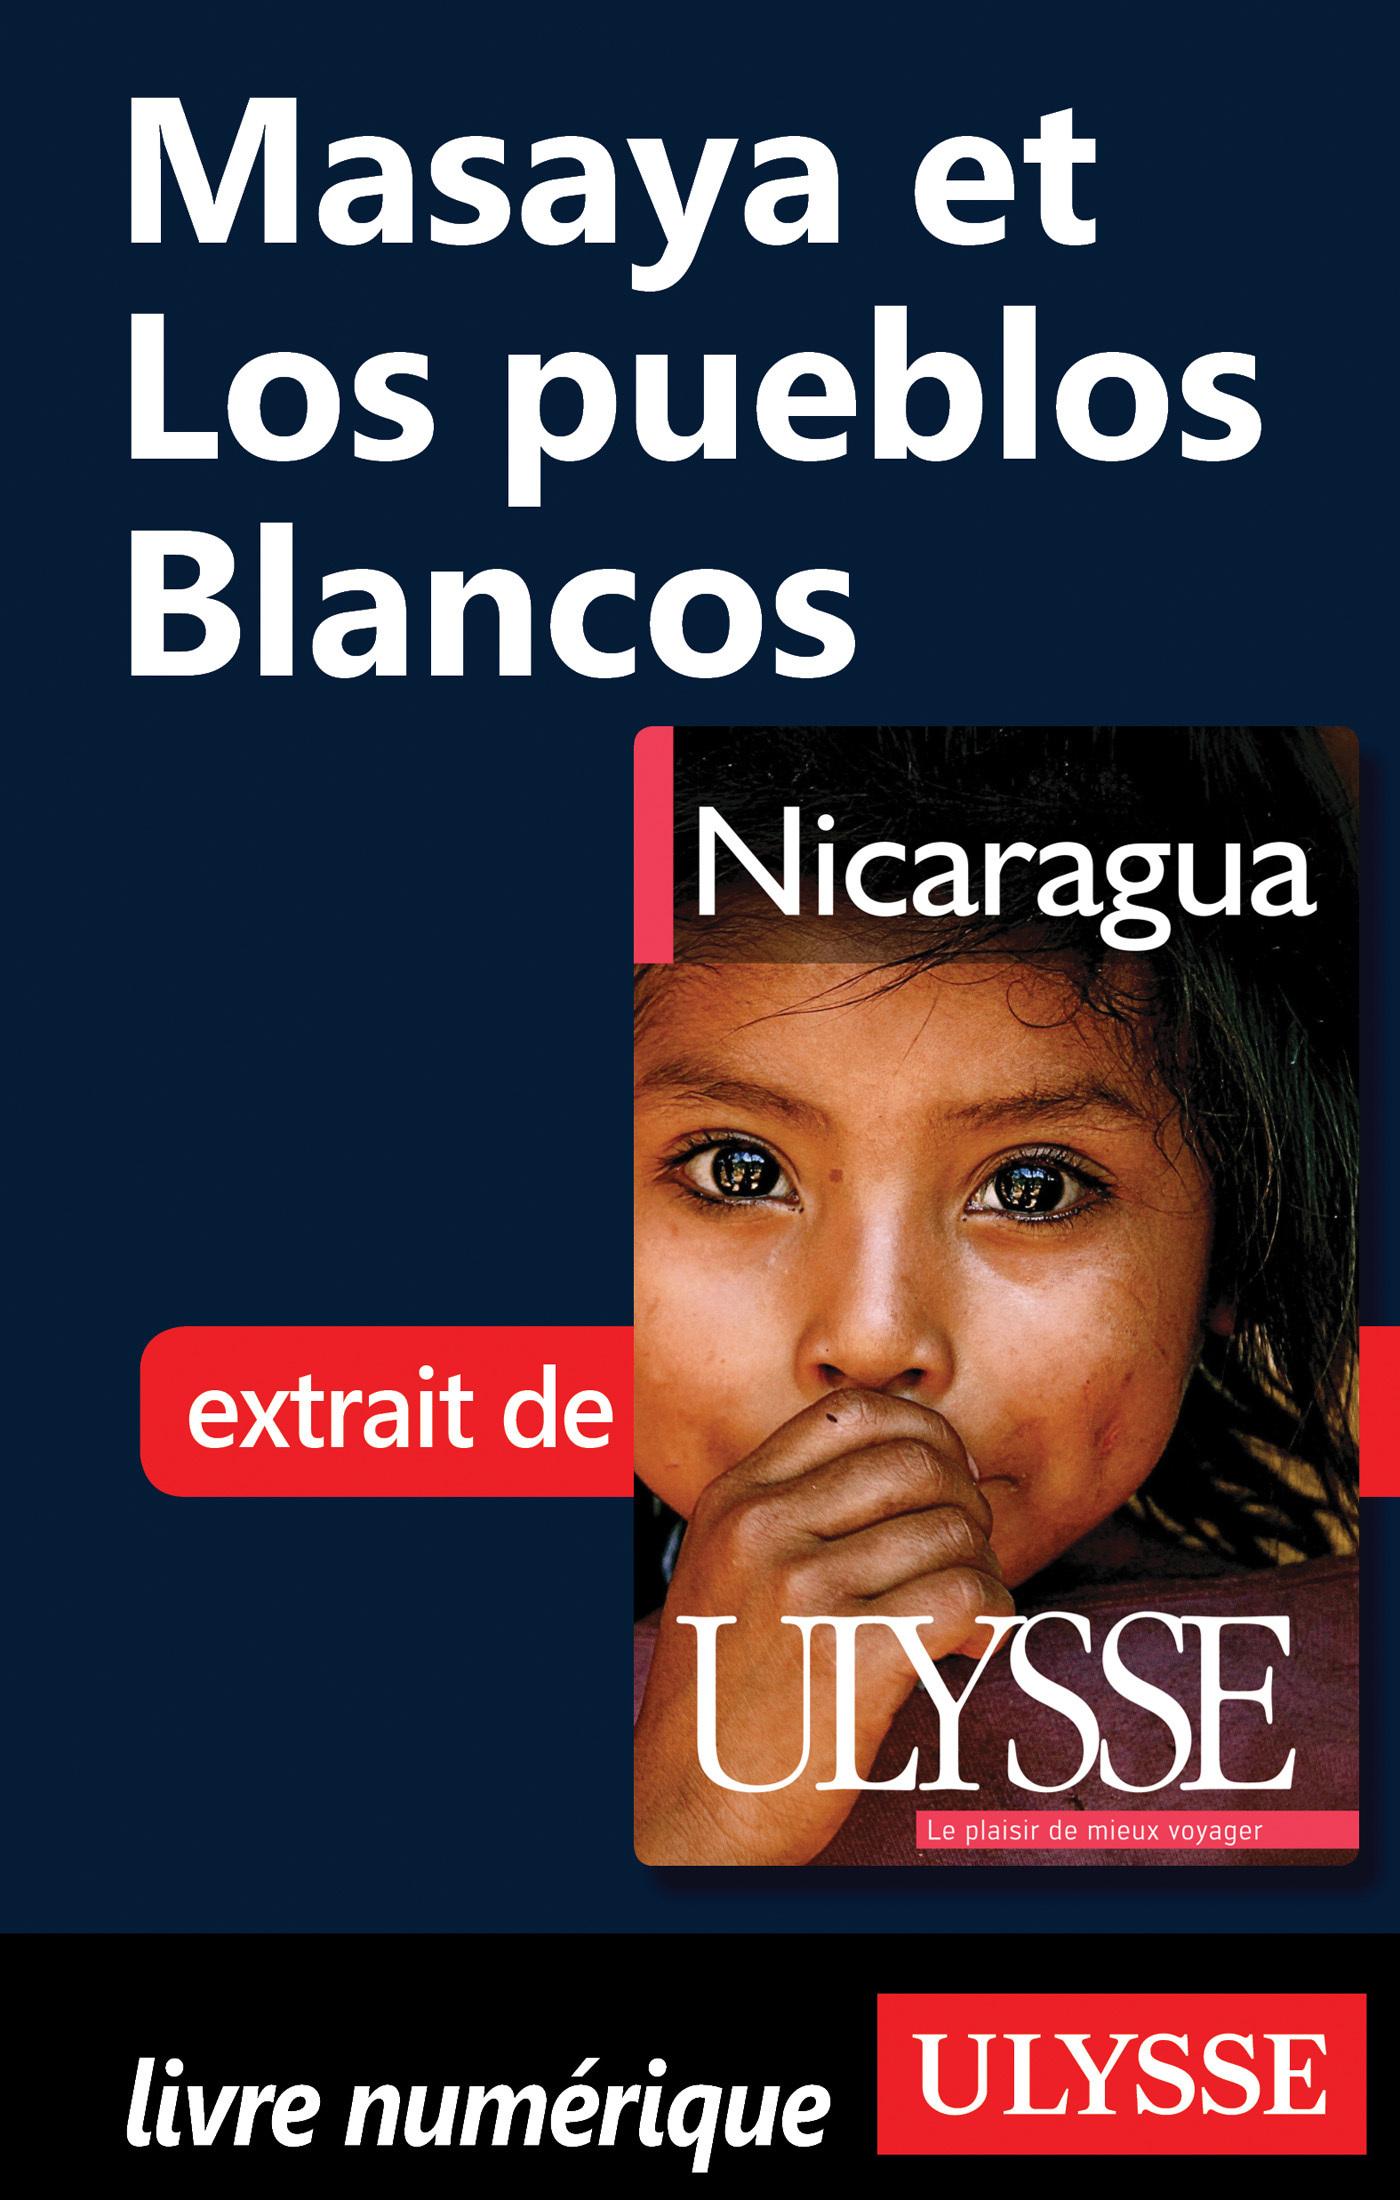 Masaya et los pueblos blancos (Nicaraga) (Chapitre)